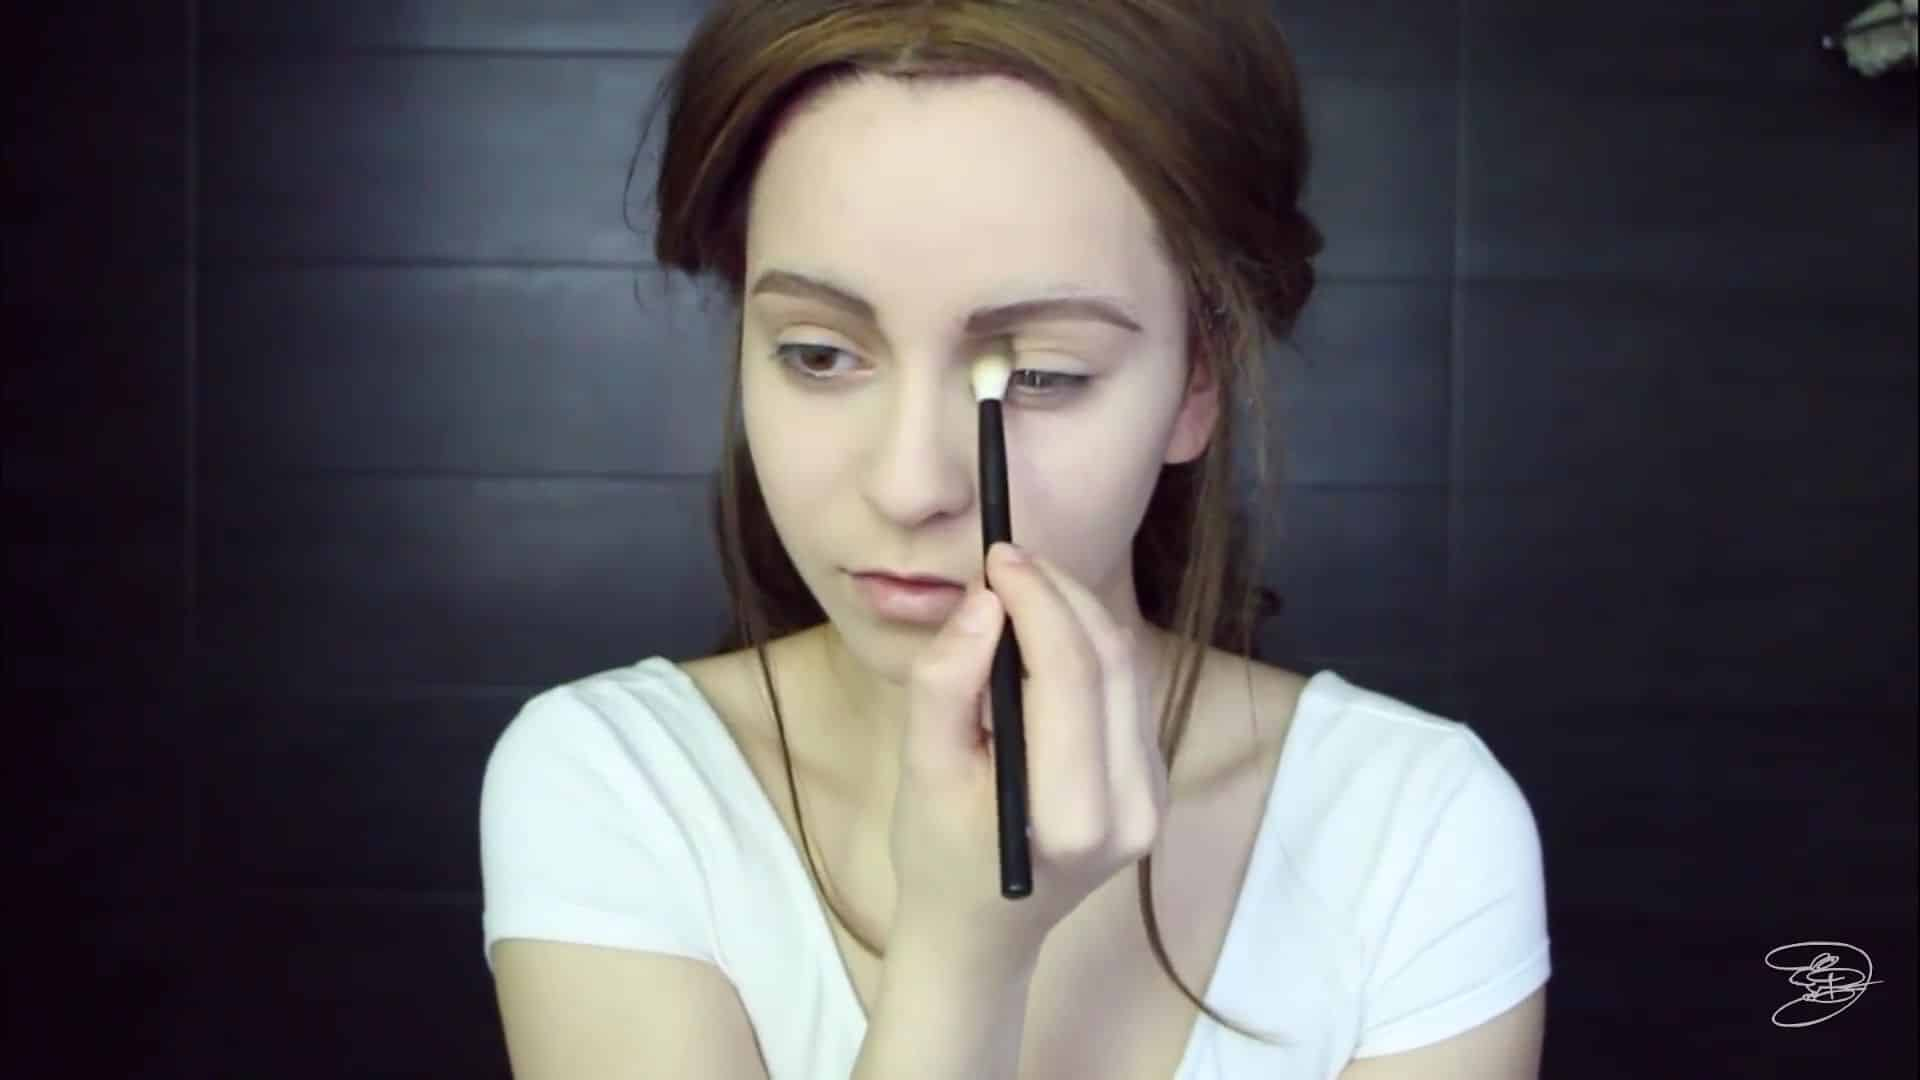 Maquíllate como la princesa la Bella de Emma Watson Jbunzie 2020, contorno del ojo.